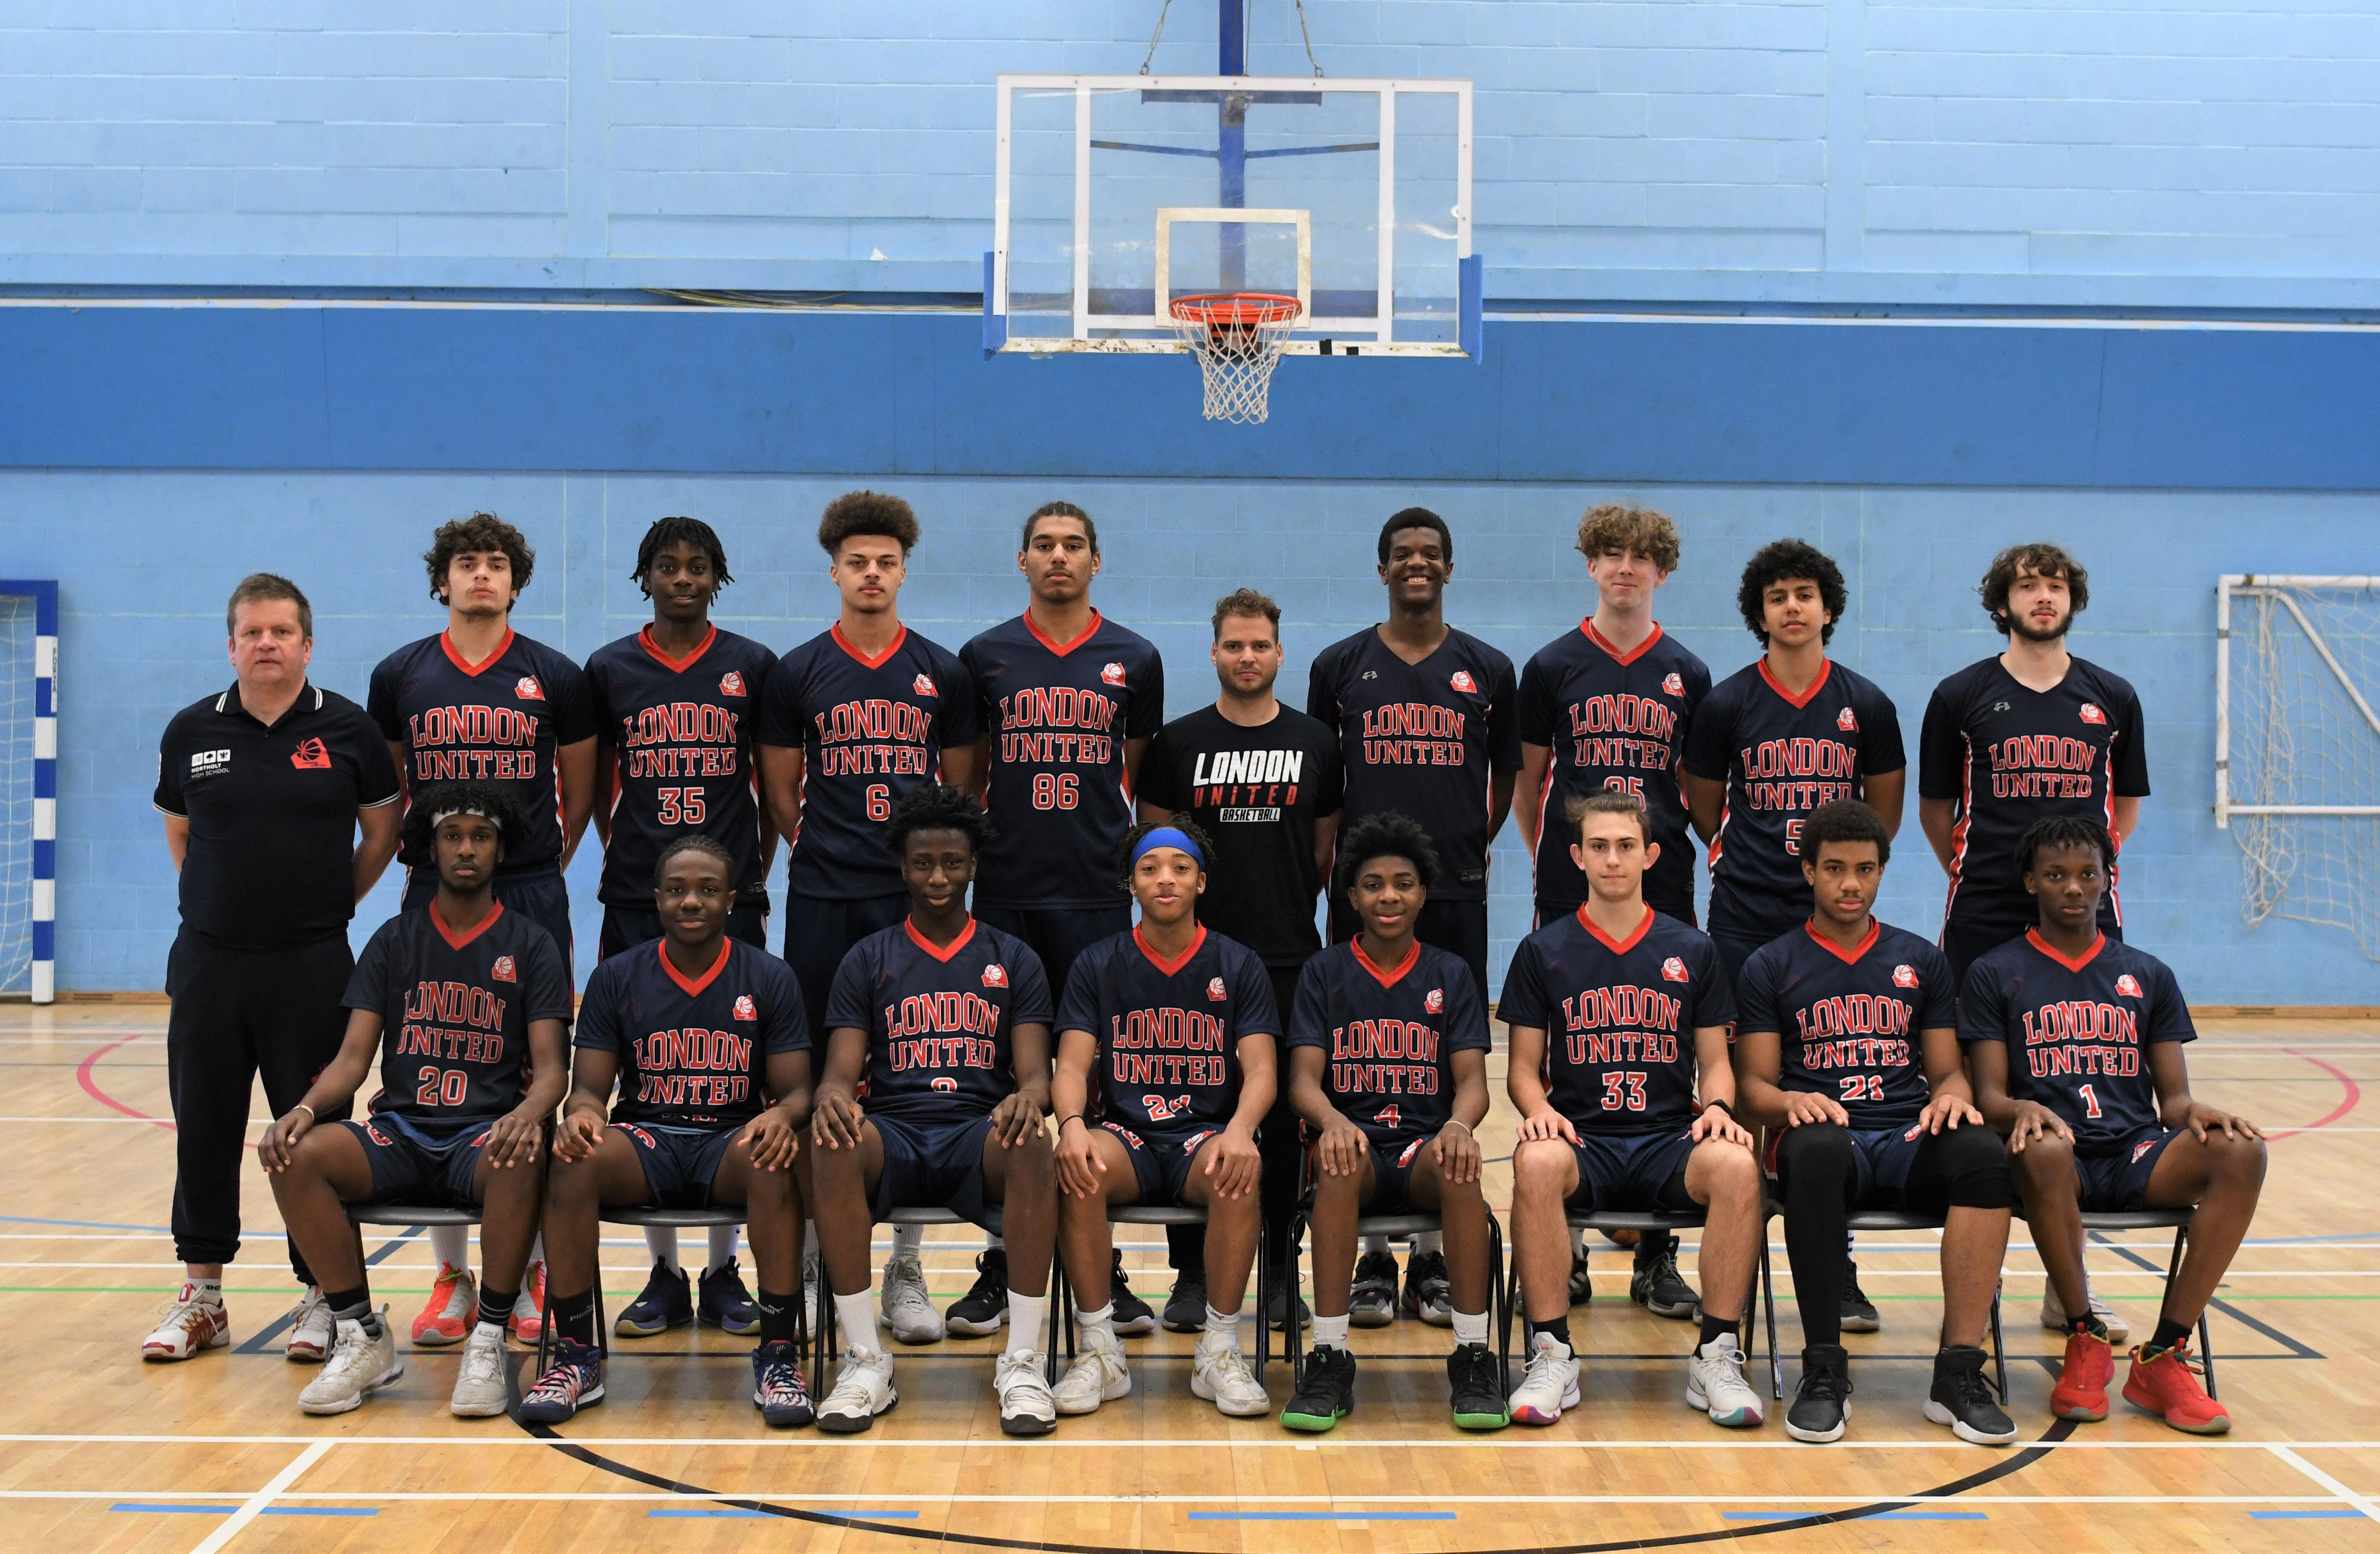 London United Basketball Club 2021 2